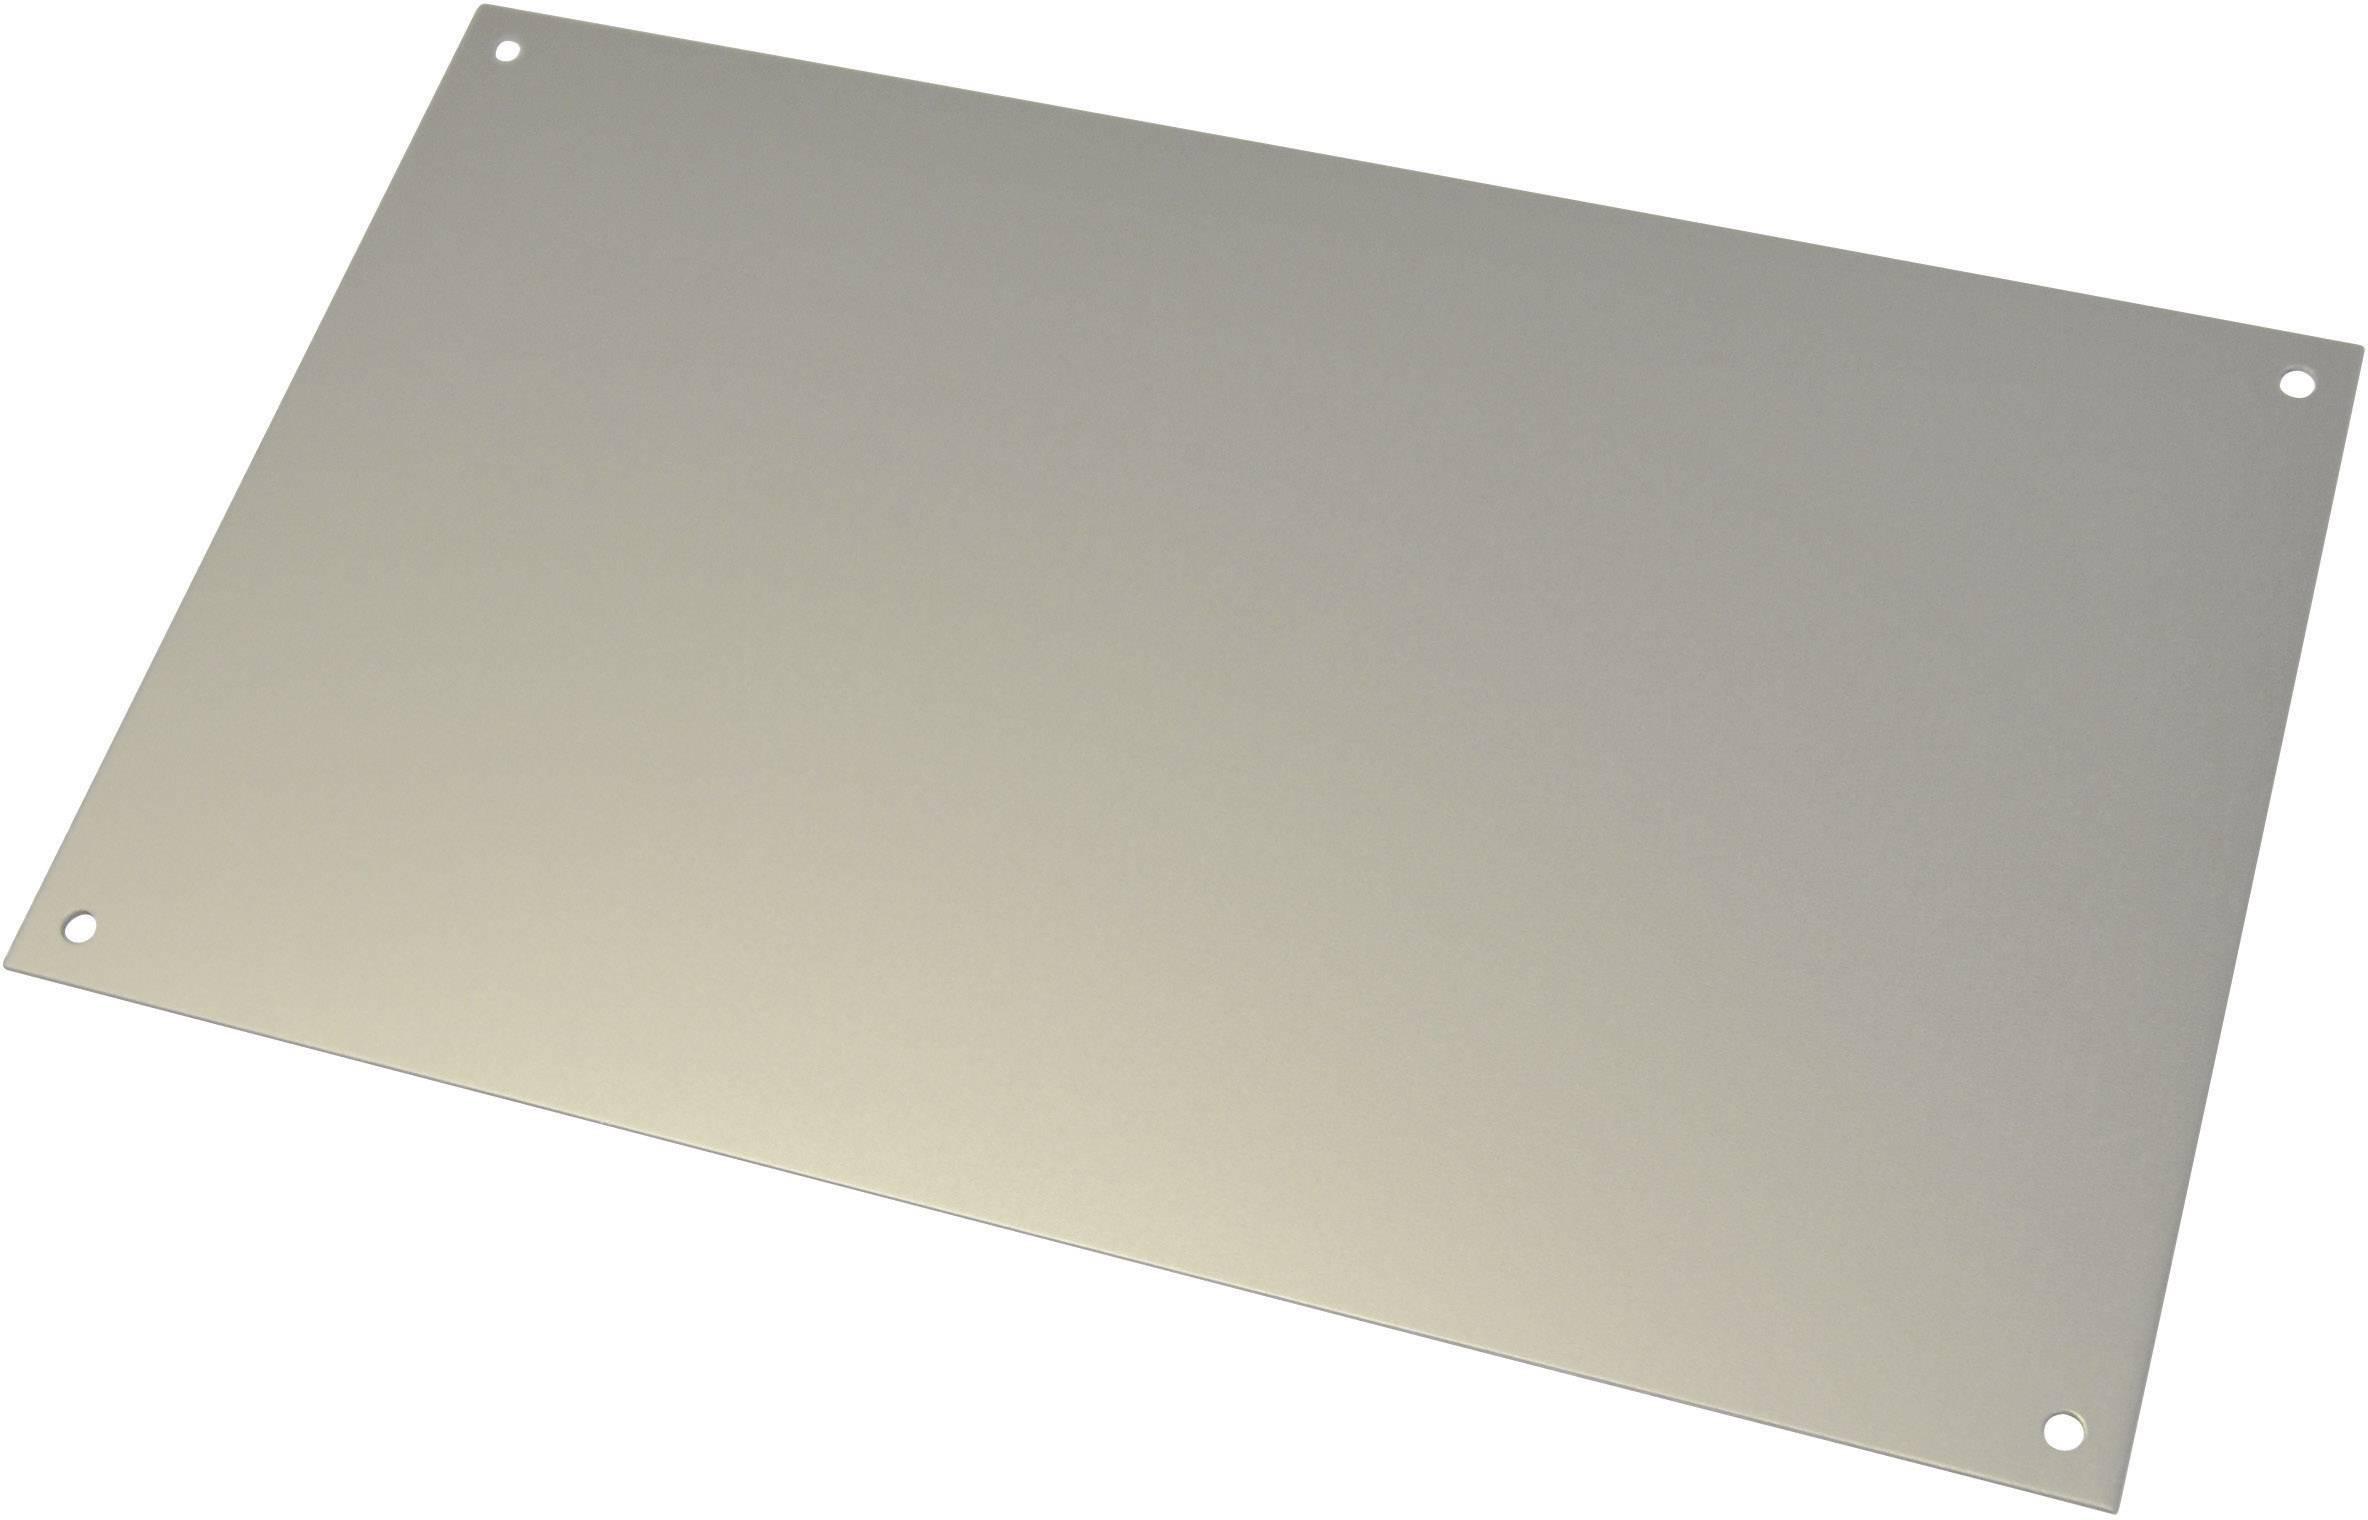 Čelný panel Bopla FAE160/170, hliník, hliník, 1 ks